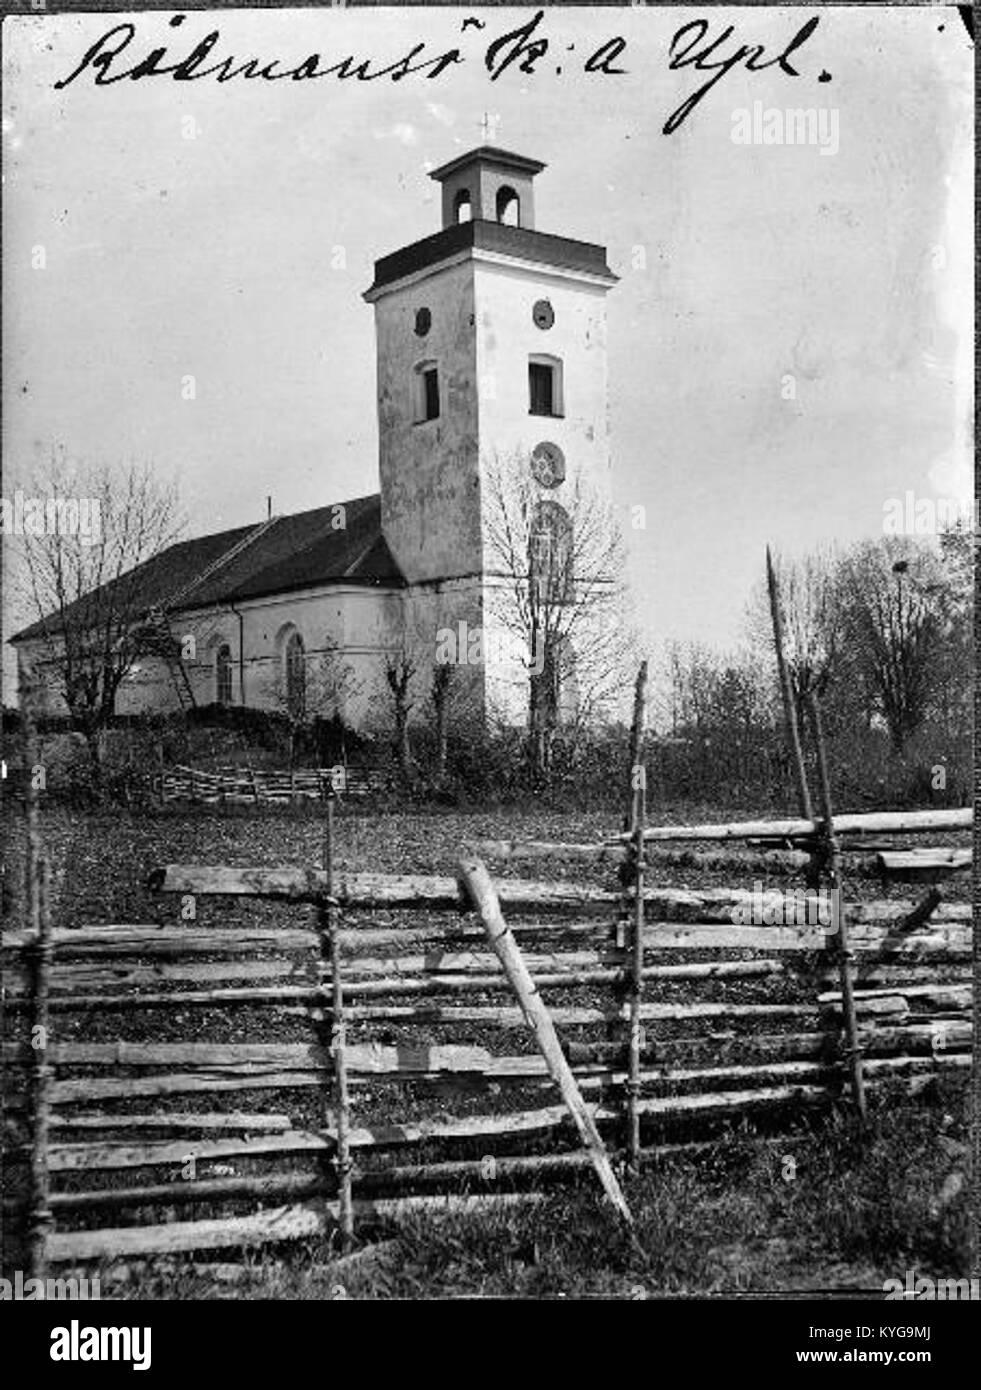 Rådmansö kyrka - KMB - 16000200127783 Banque D'Images